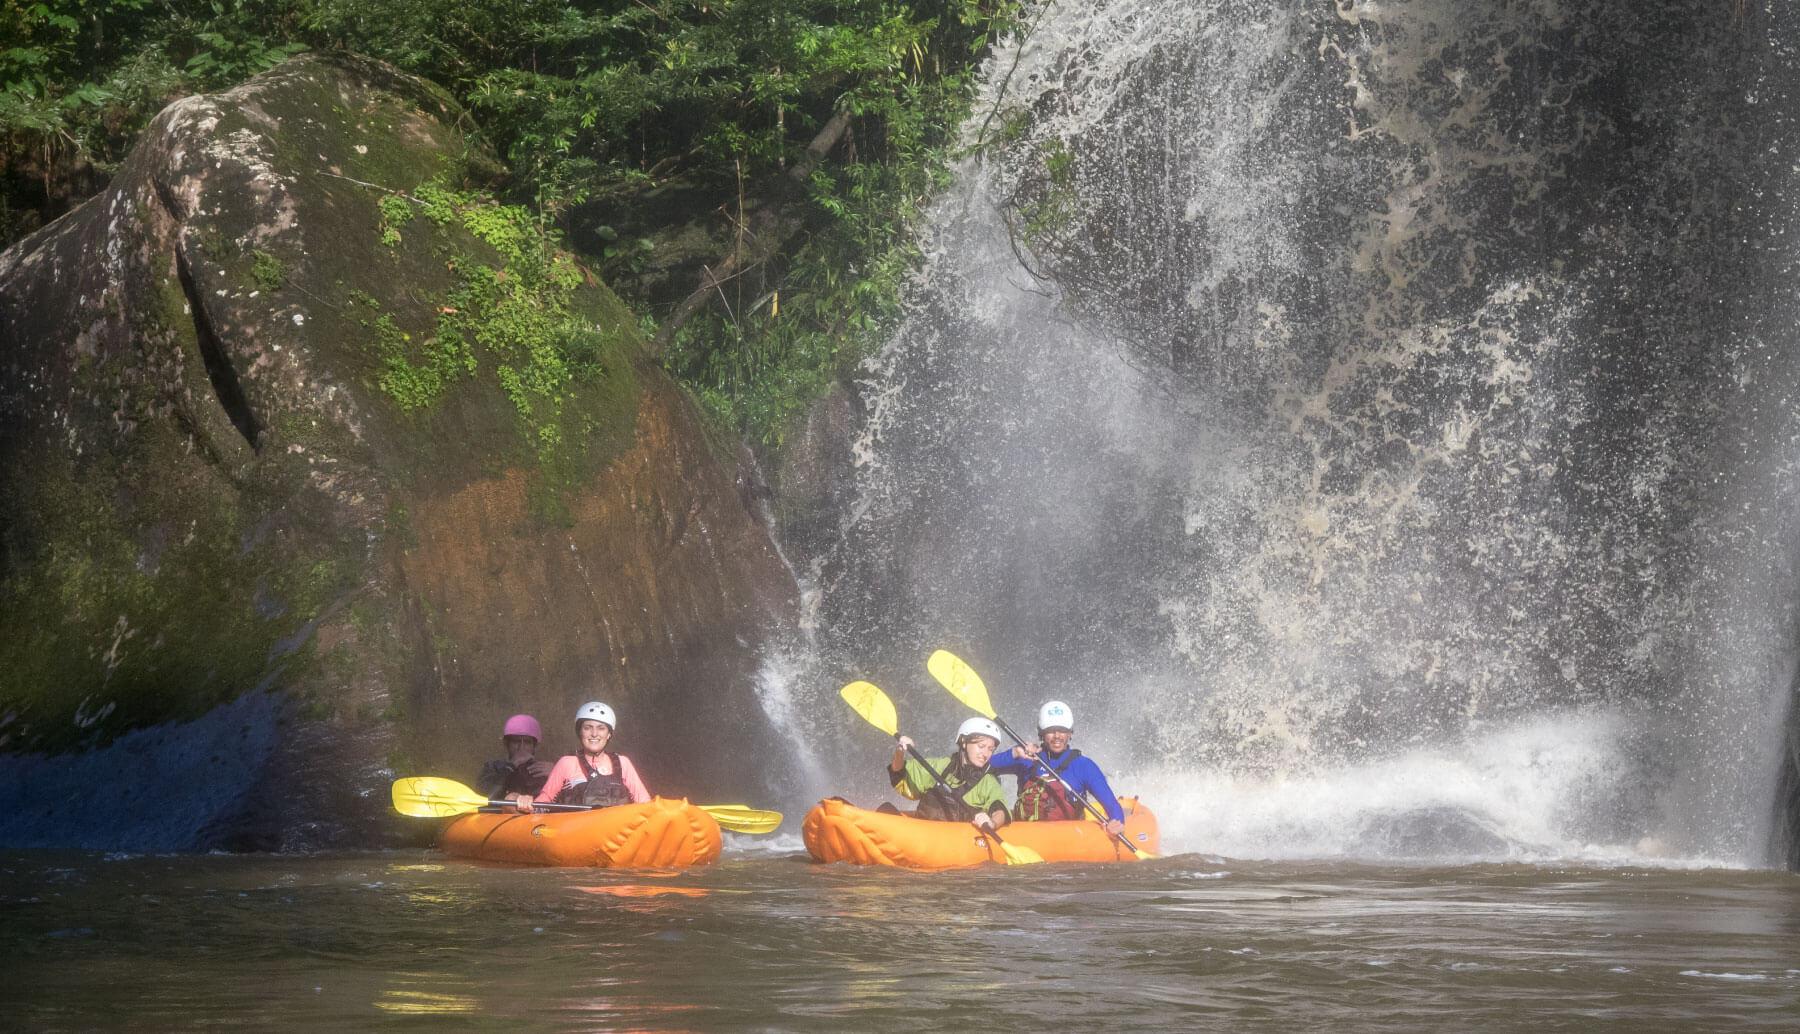 Duckie boat in Jondachi, below a big waterfall